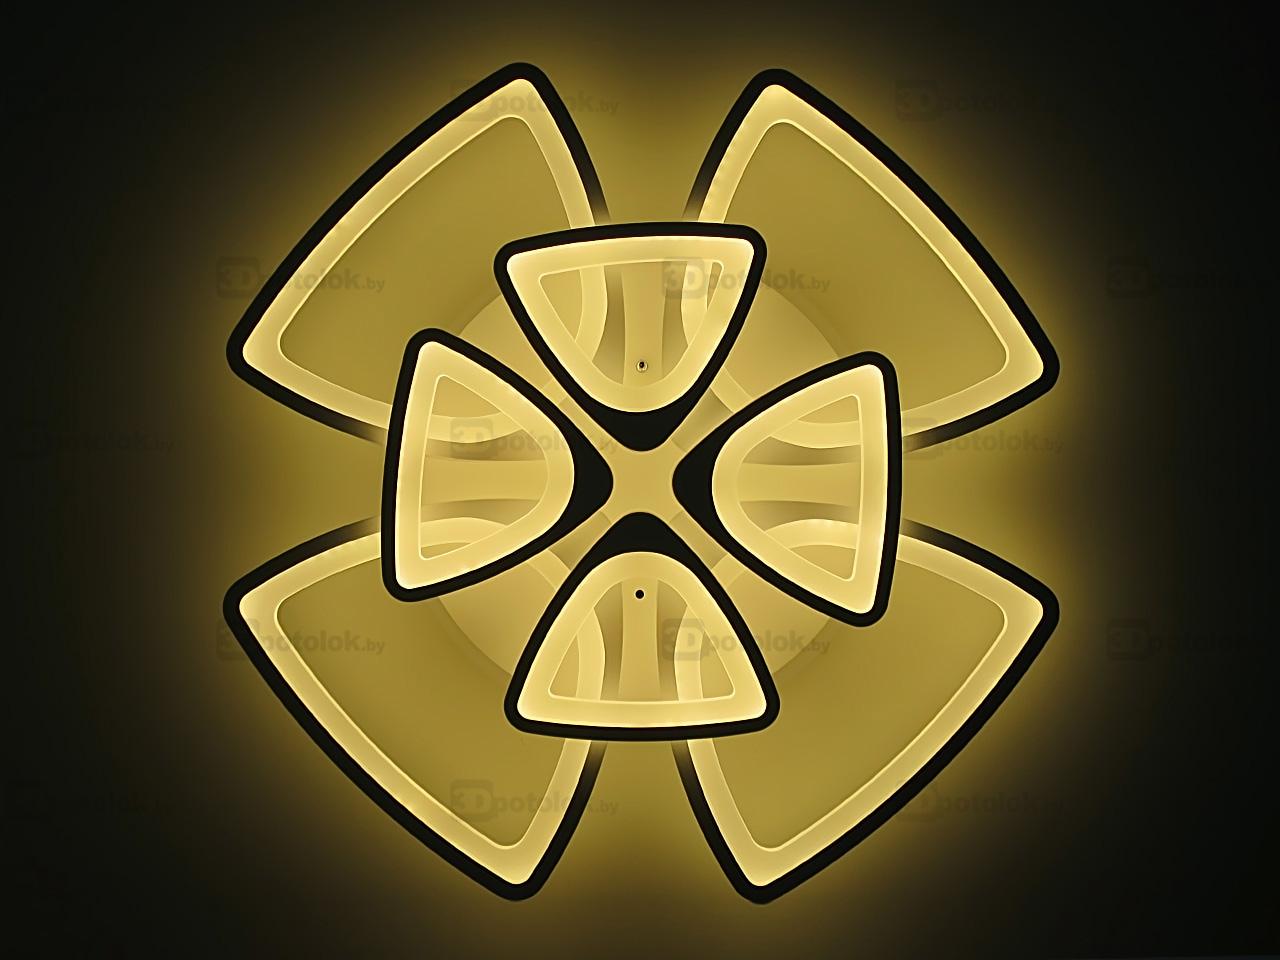 10006_44-WHTBLYL_5_лого